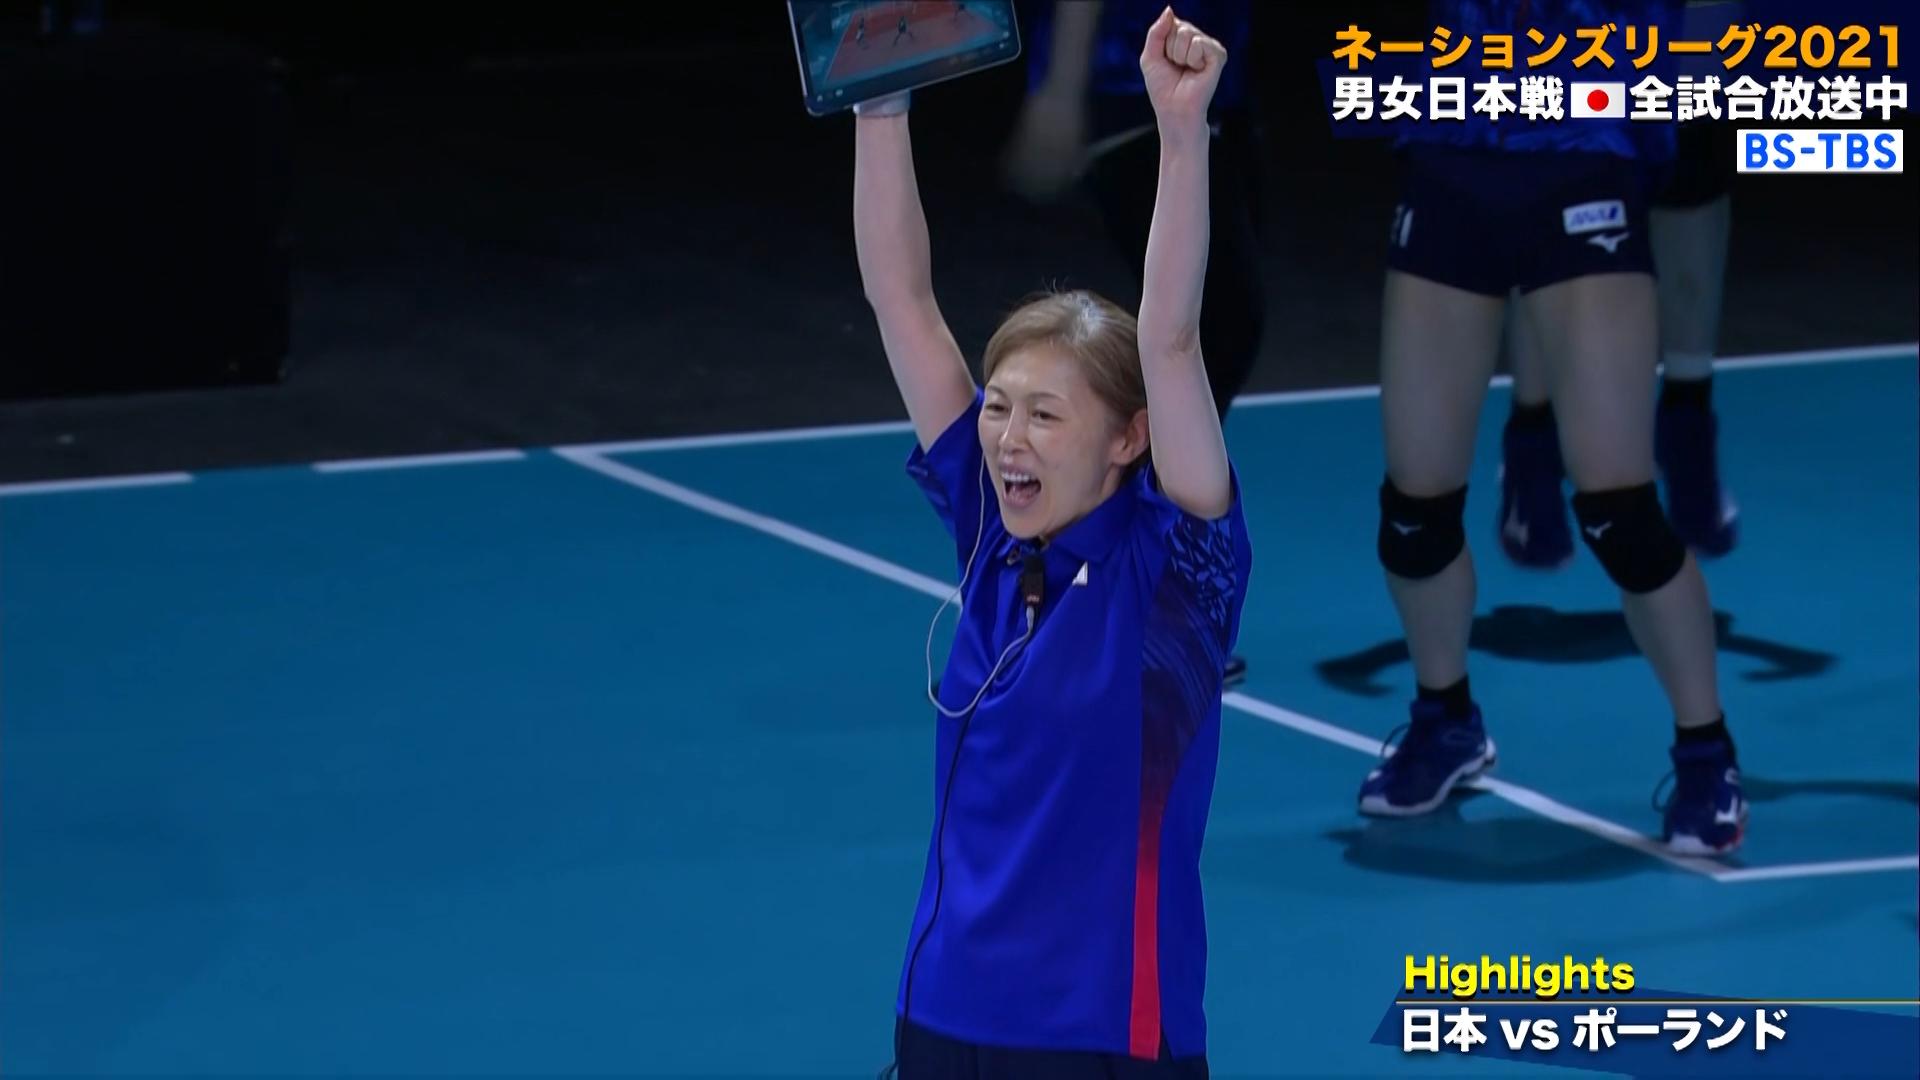 バレーボールネーションズリーグ 女子日本、フルセットの激闘!ポーランドに勝利【ハイライト】